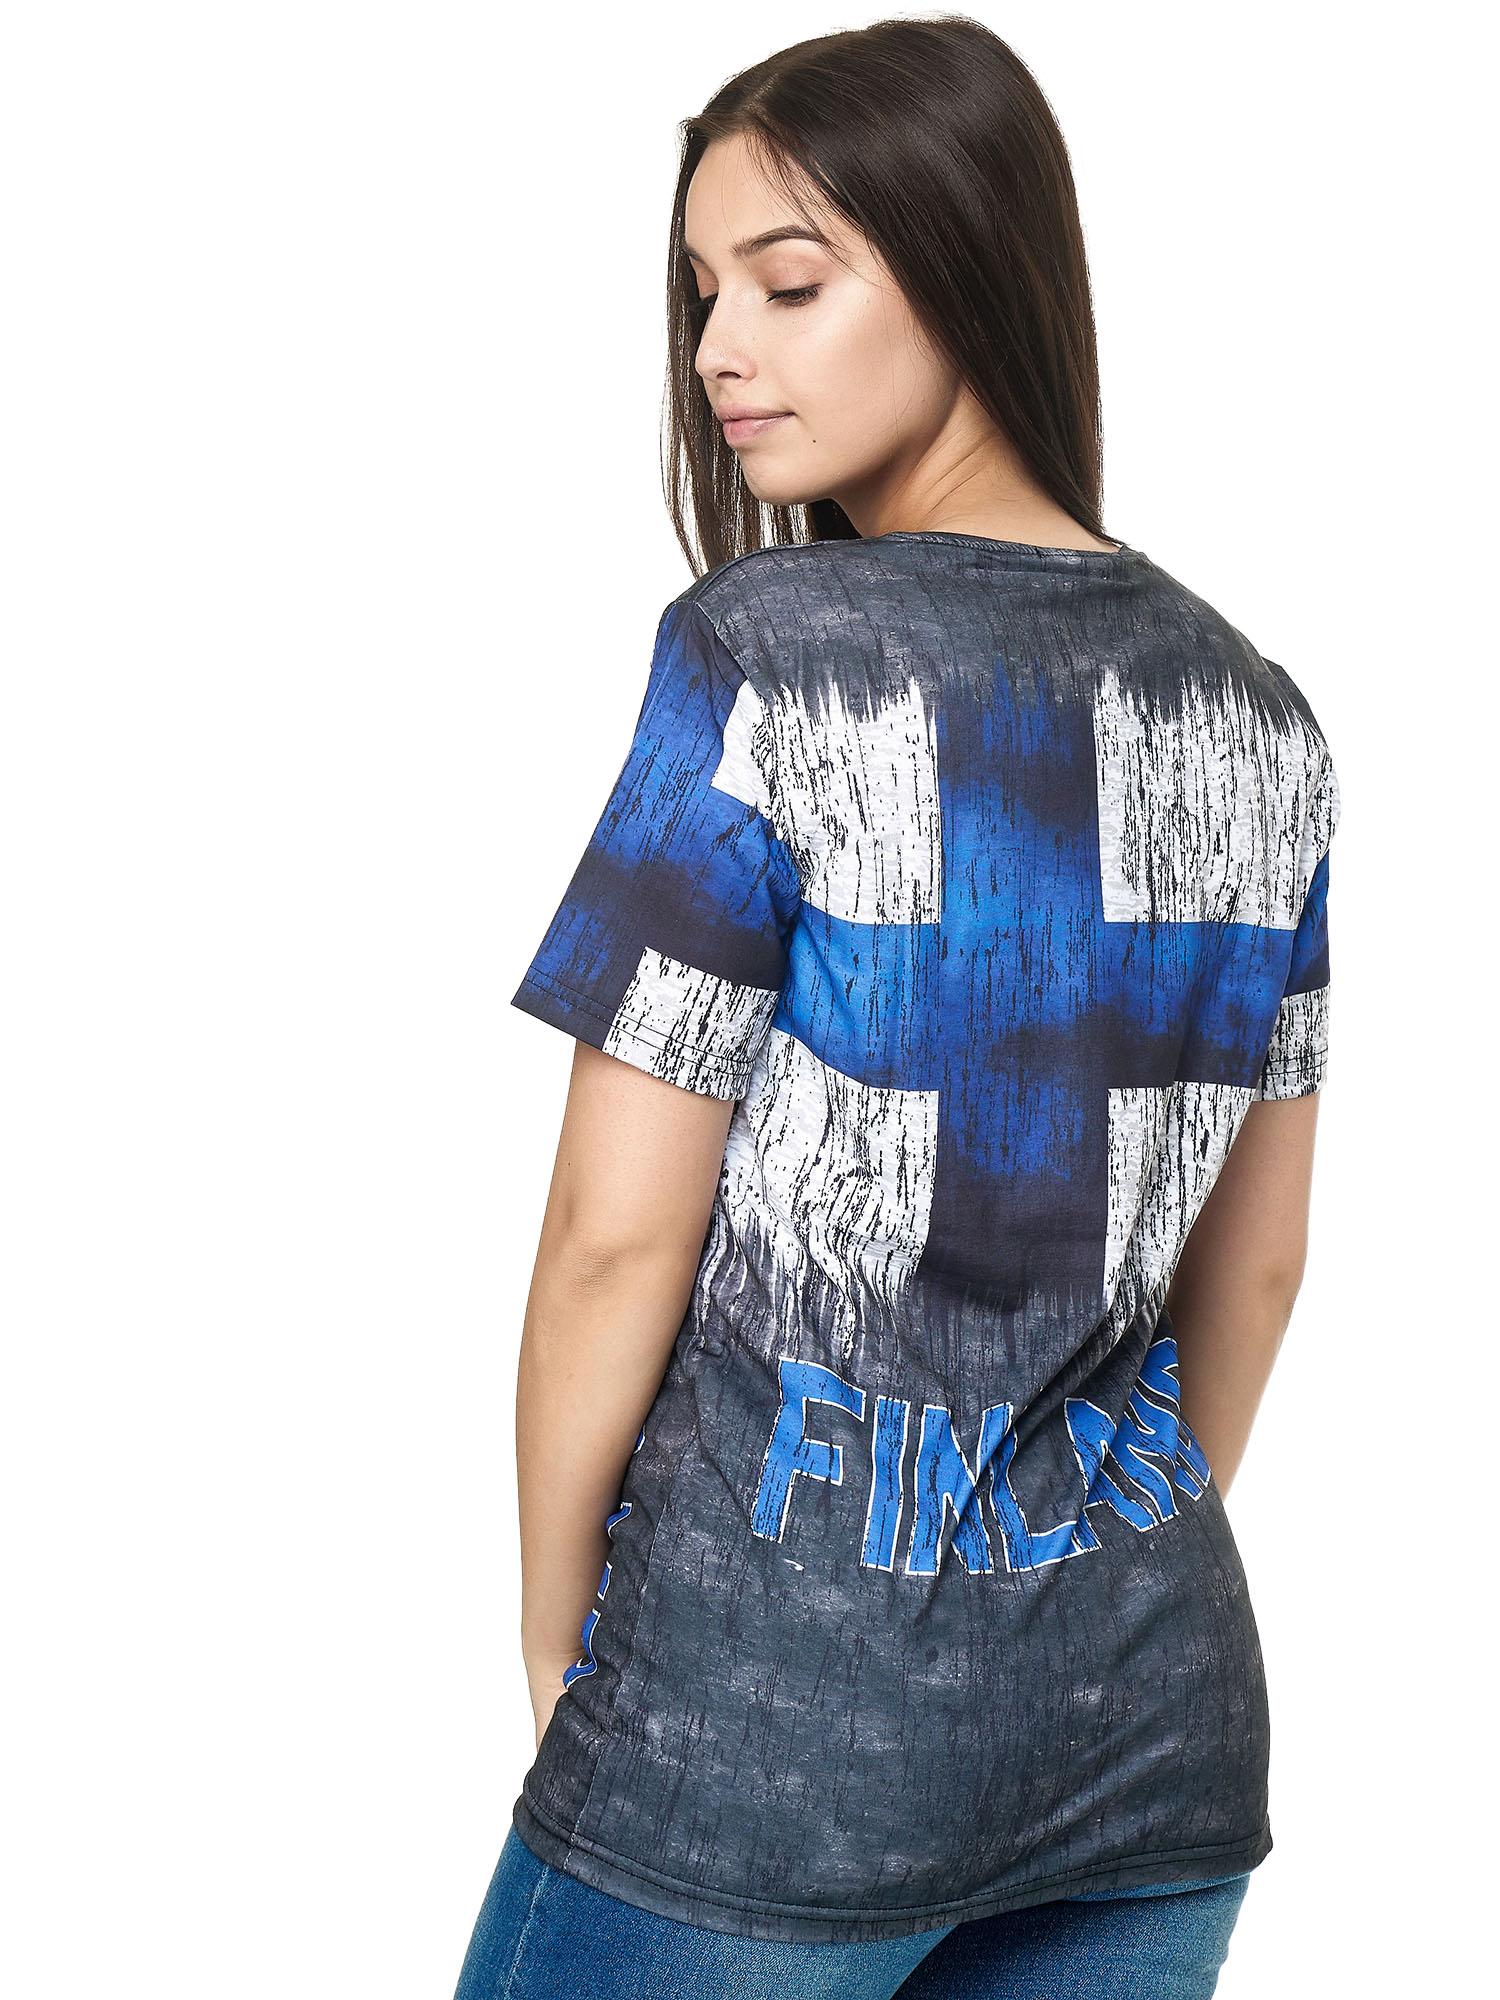 Paesi-da-Donna-T-shirt-A-Maniche-Corte-Girocollo-donne-CALCIO-Fanshirt-John-Kayna miniatura 45